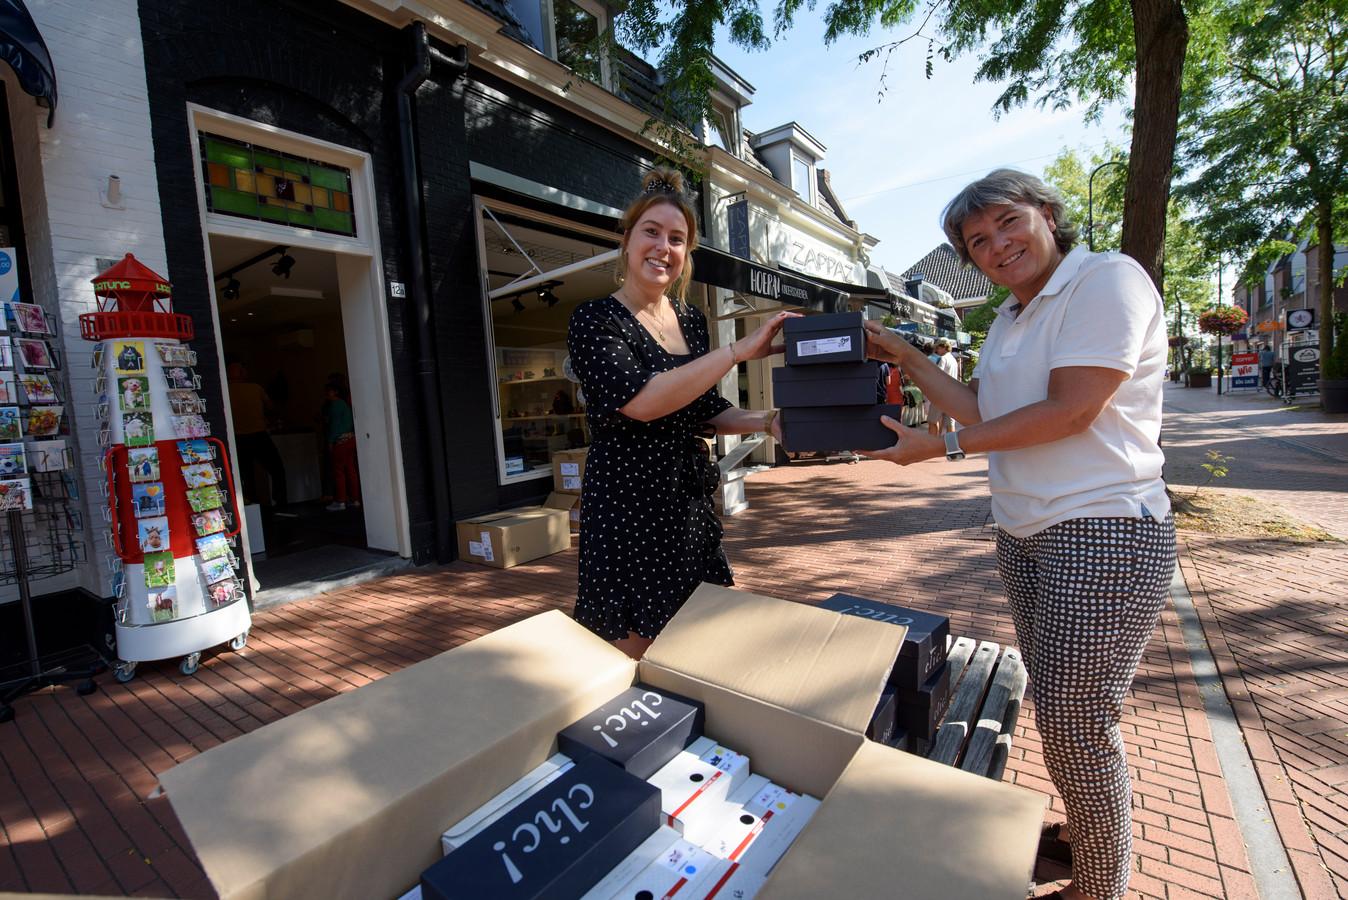 Meike Daniëls van Hoera! Kinderschoenen geeft de dozen aan Emily Zwartkruis van de kledingbank.